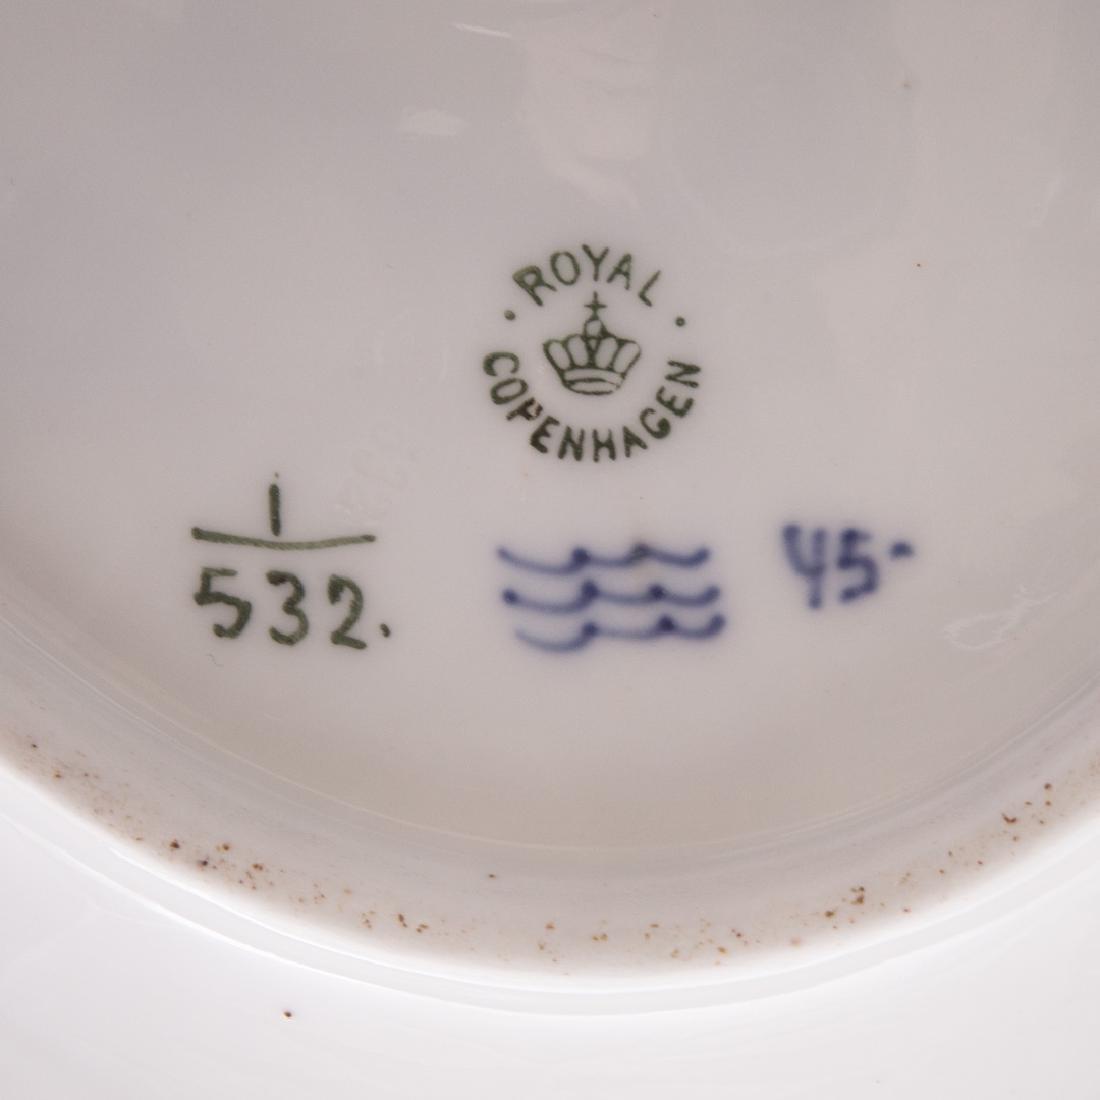 14 Royal Copenhagen porcelain table articles - 8